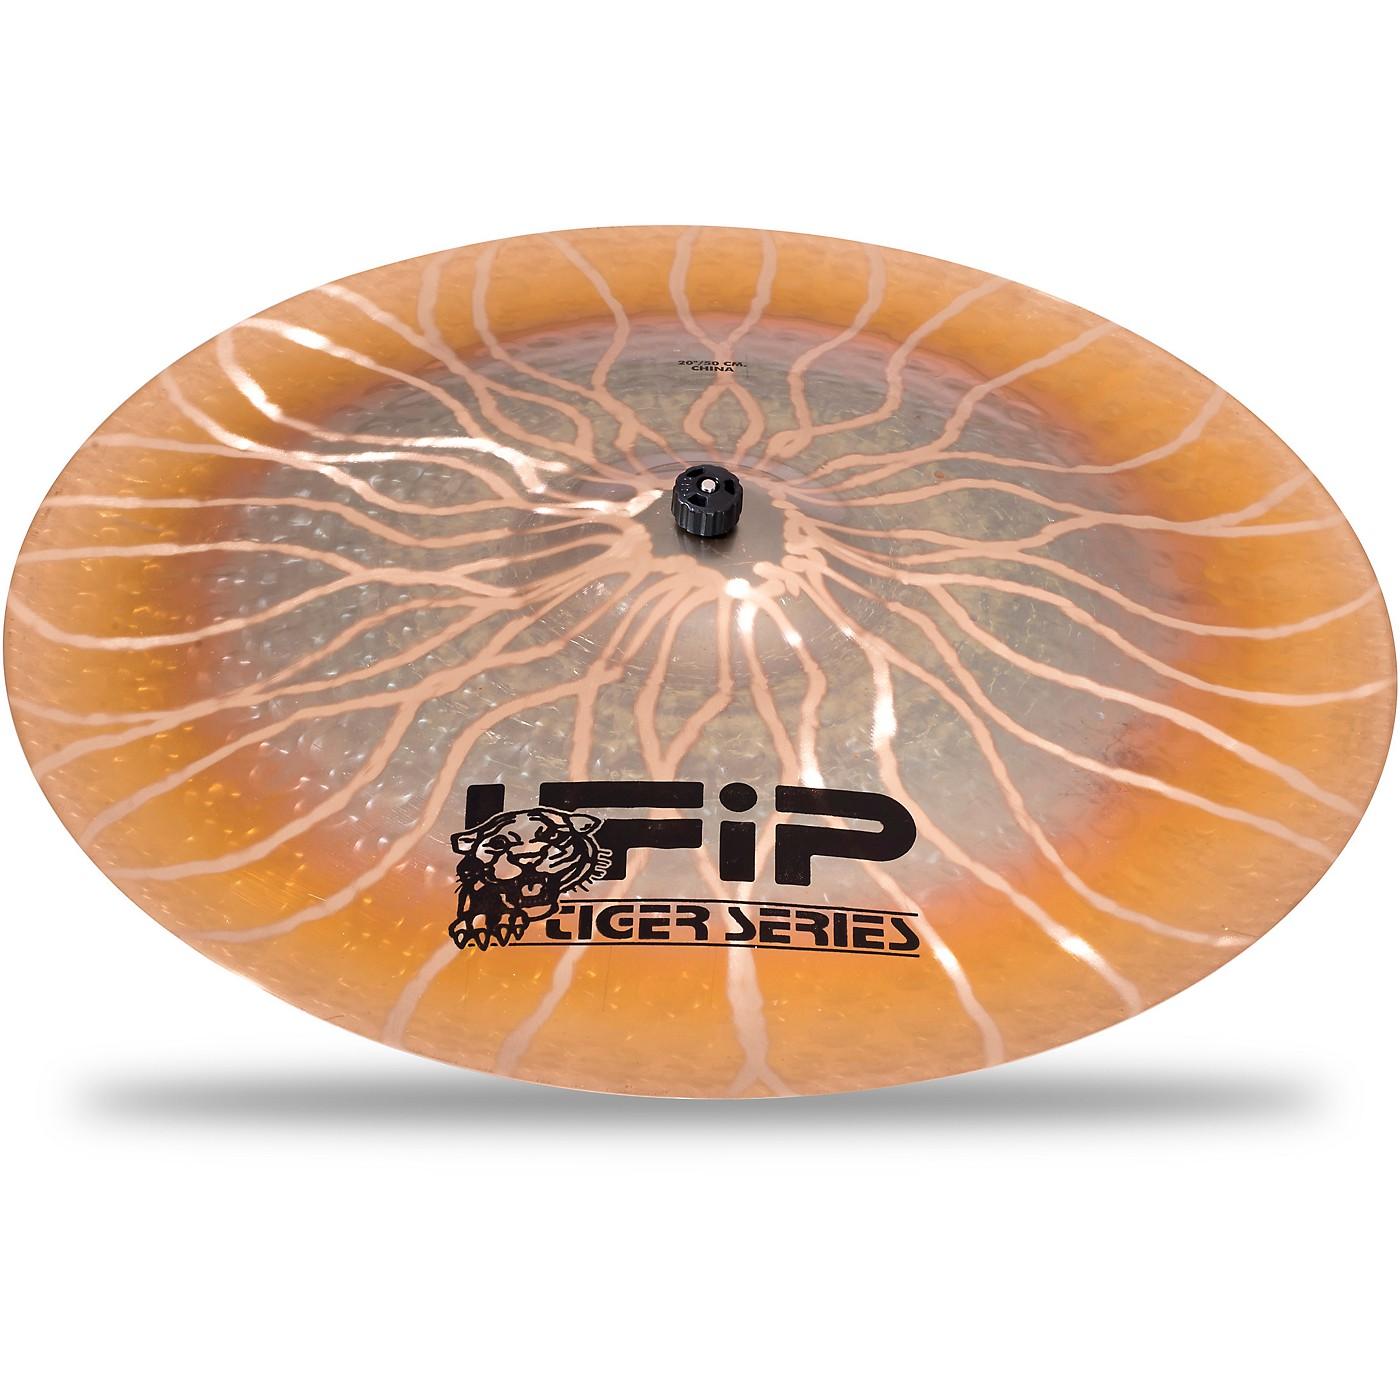 UFIP Tiger Series China Cymbal thumbnail